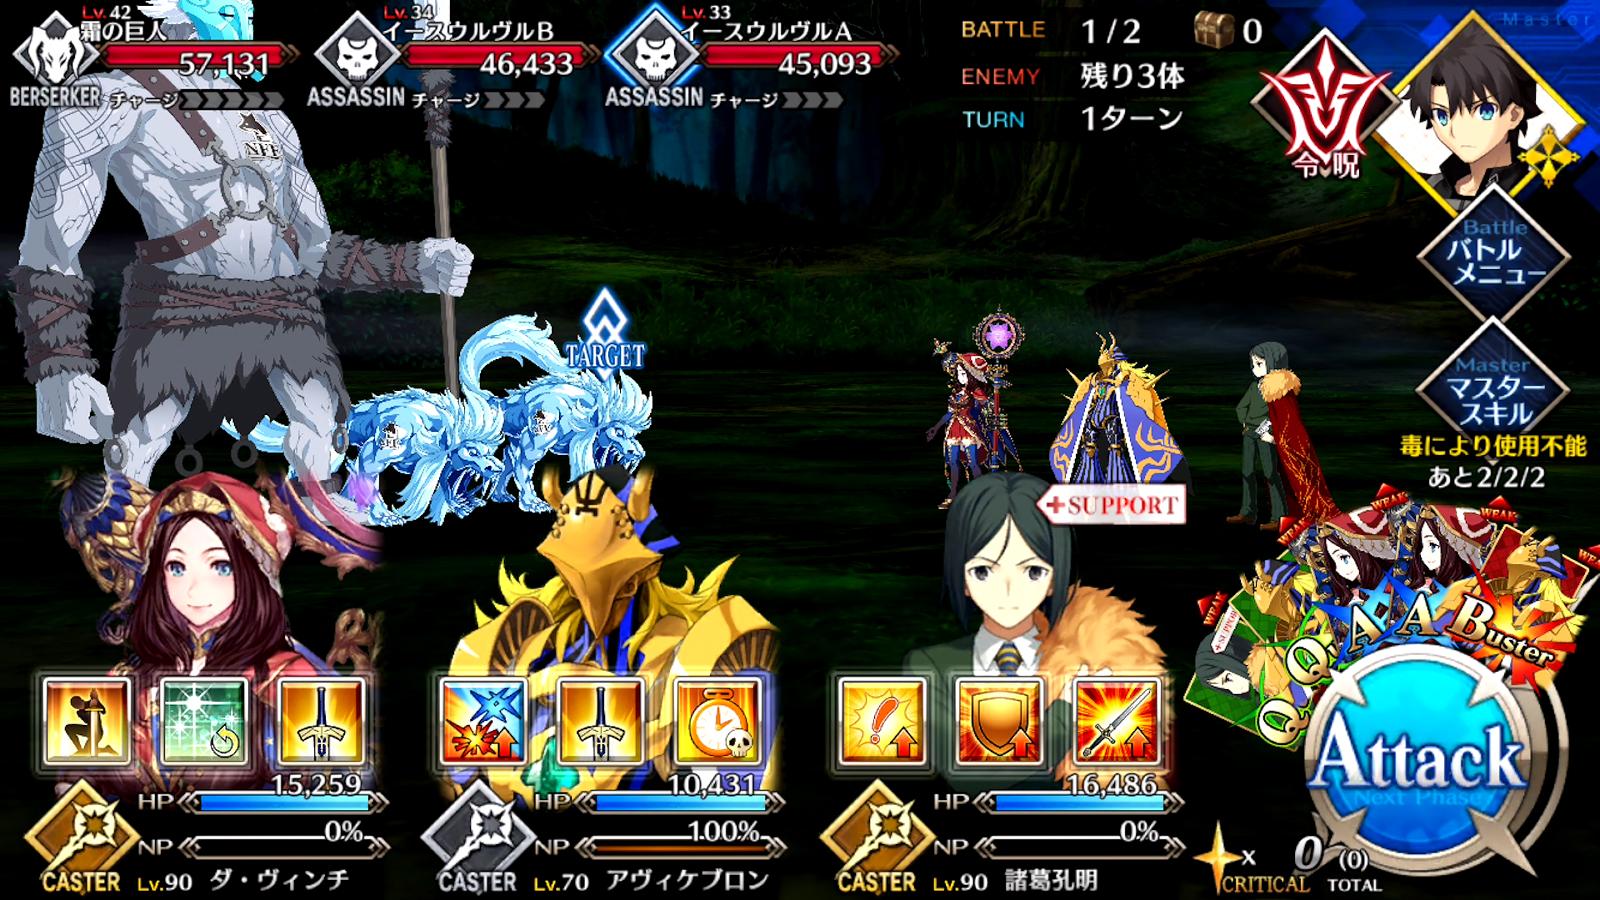 異境の魔獣 進行度3 BATTLE1